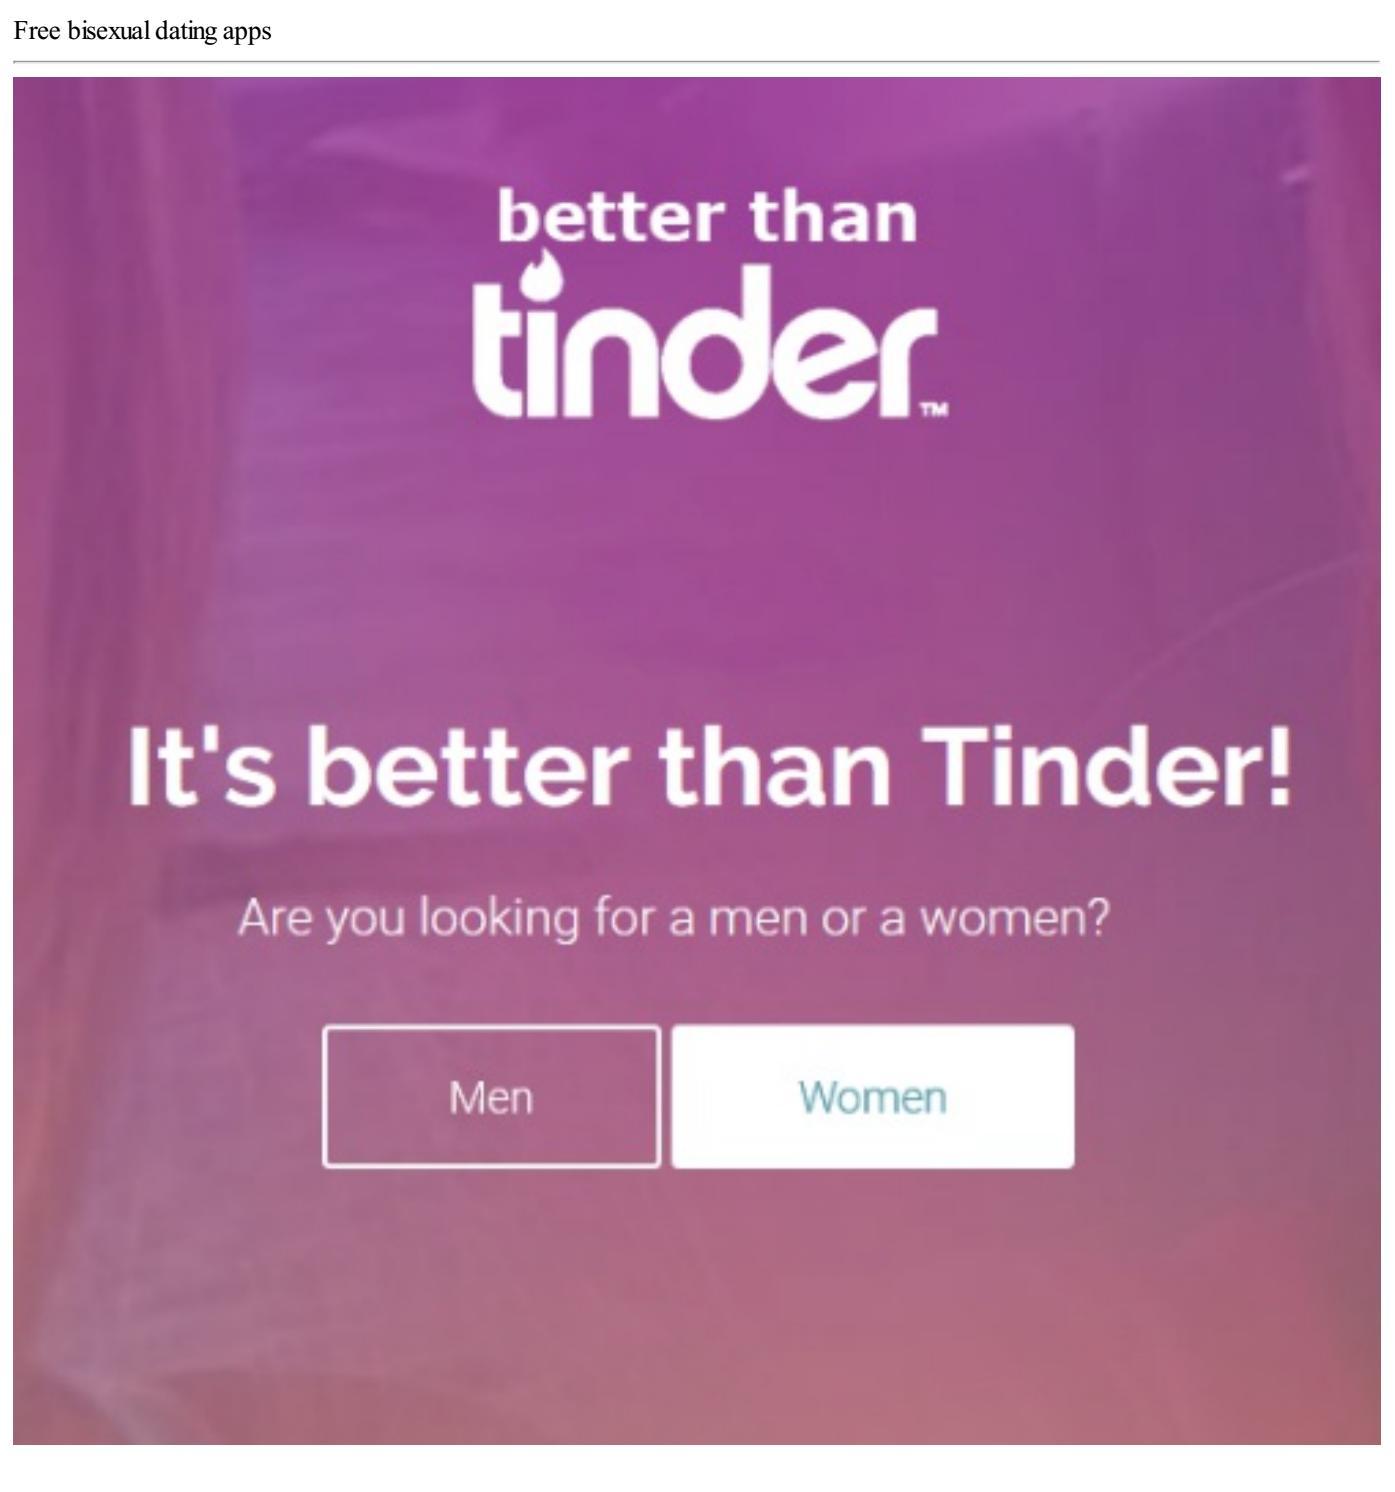 bi sexual dating apps Es ist 23 zu spät, um mit der Datierung zu beginnen